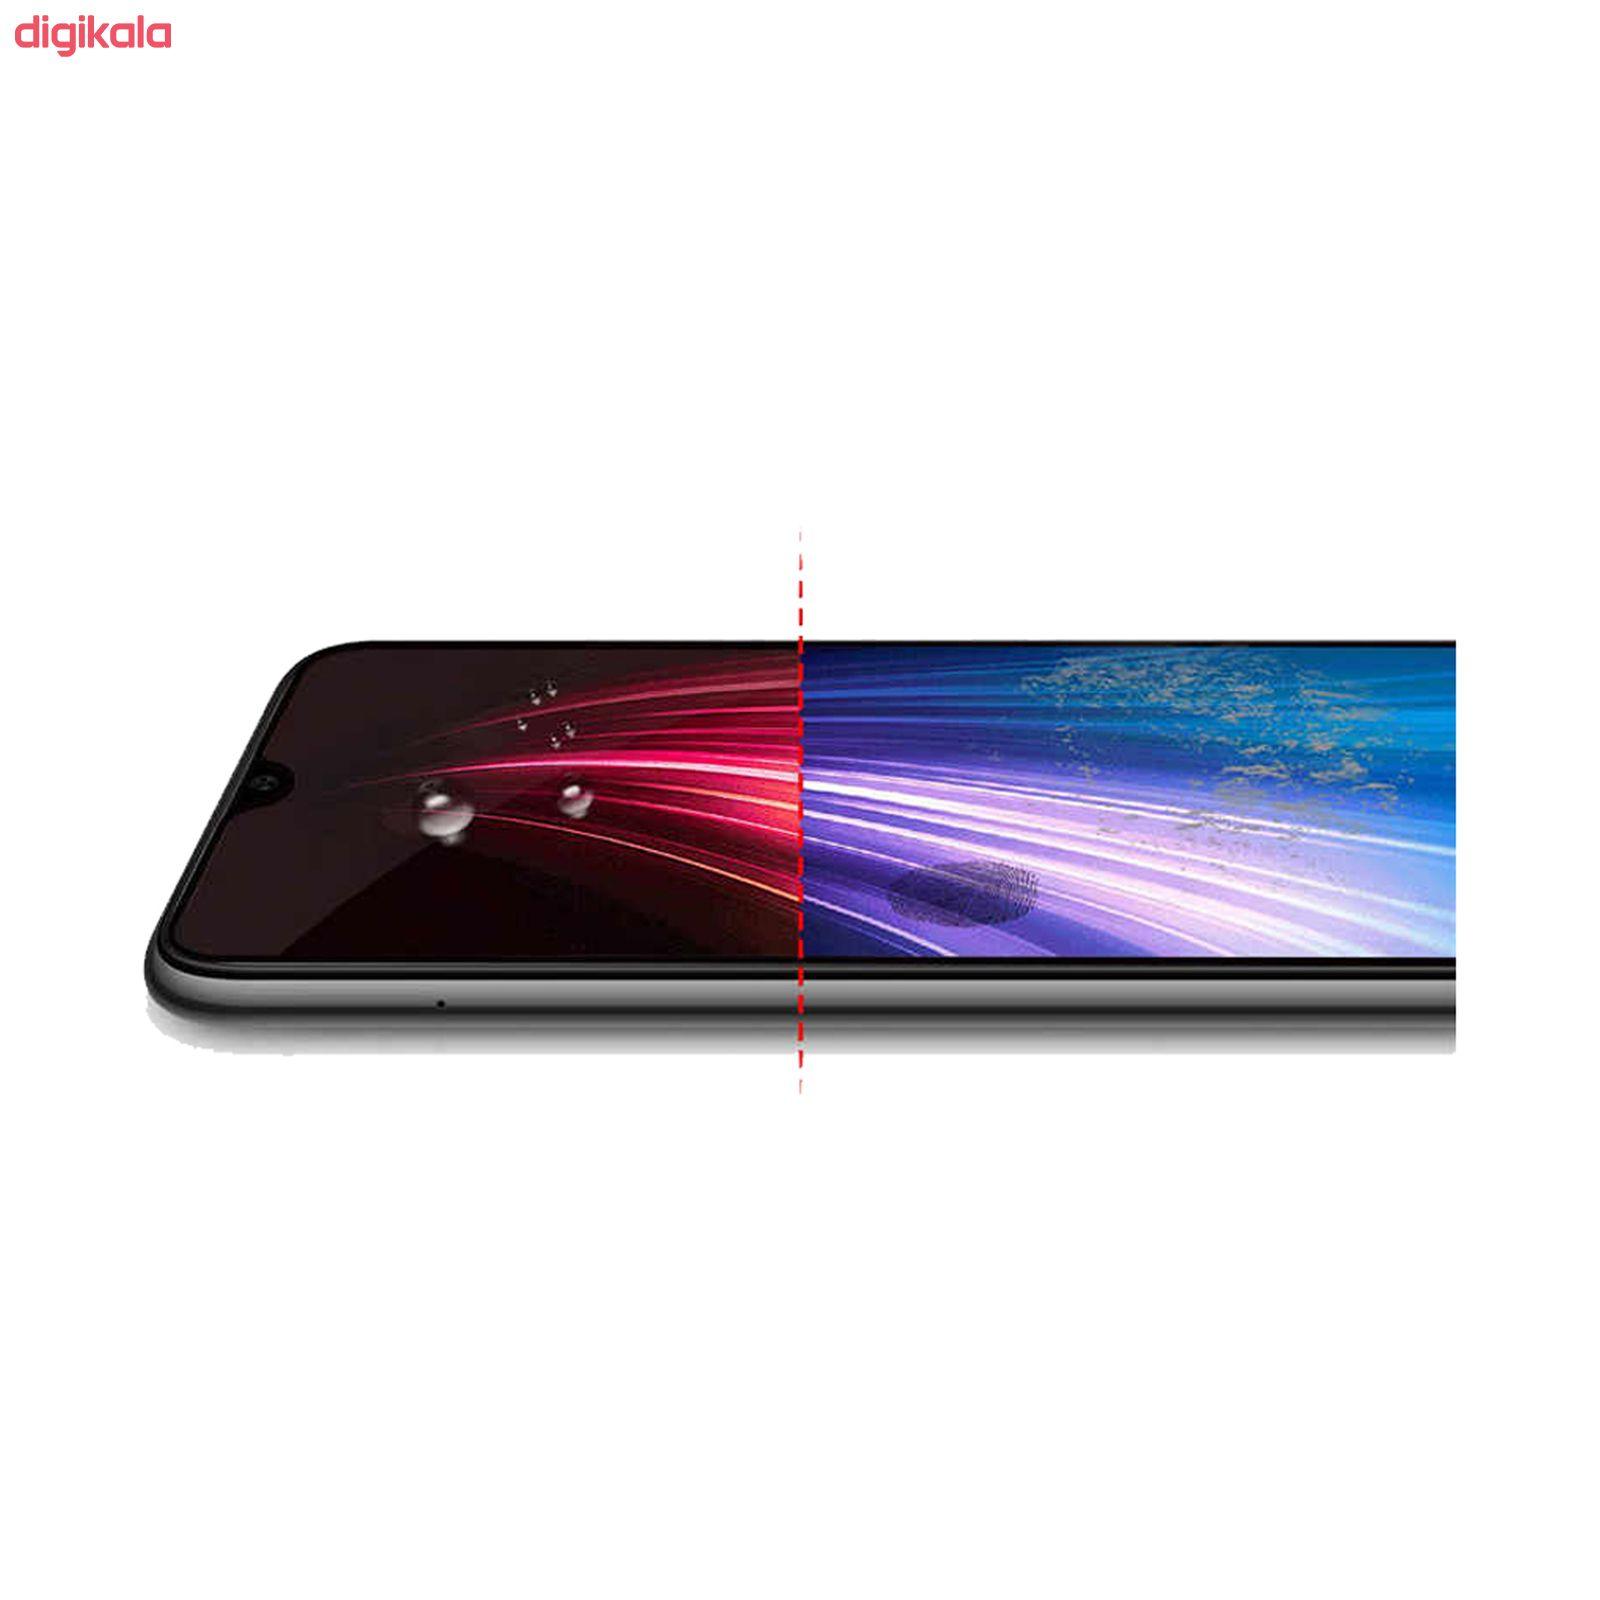 محافظ صفحه نمایش سیحان مدل FG مناسب برای گوشی موبایل شیائومی Redmi Note 8t main 1 5